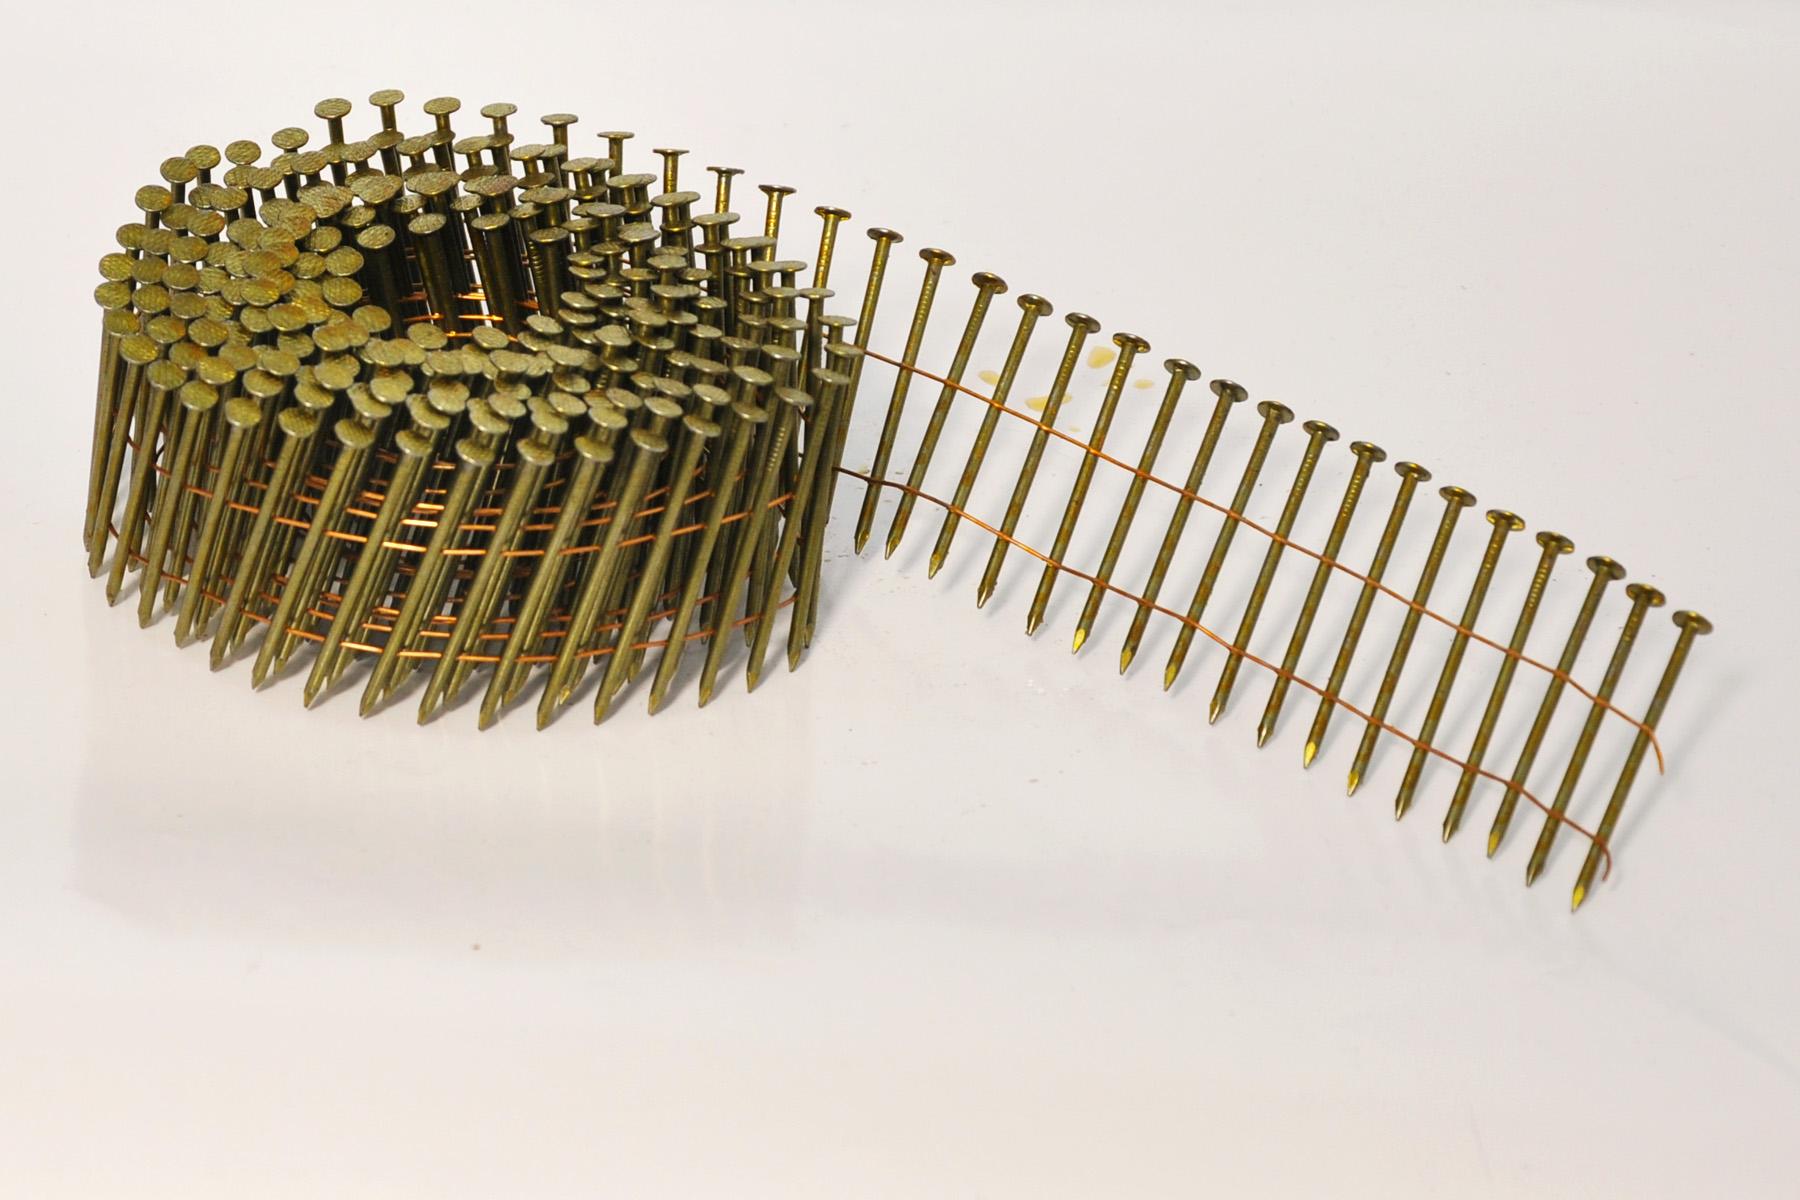 Đinh cuộn 50x2.3 mm TGCN-32144 VietnamSteels